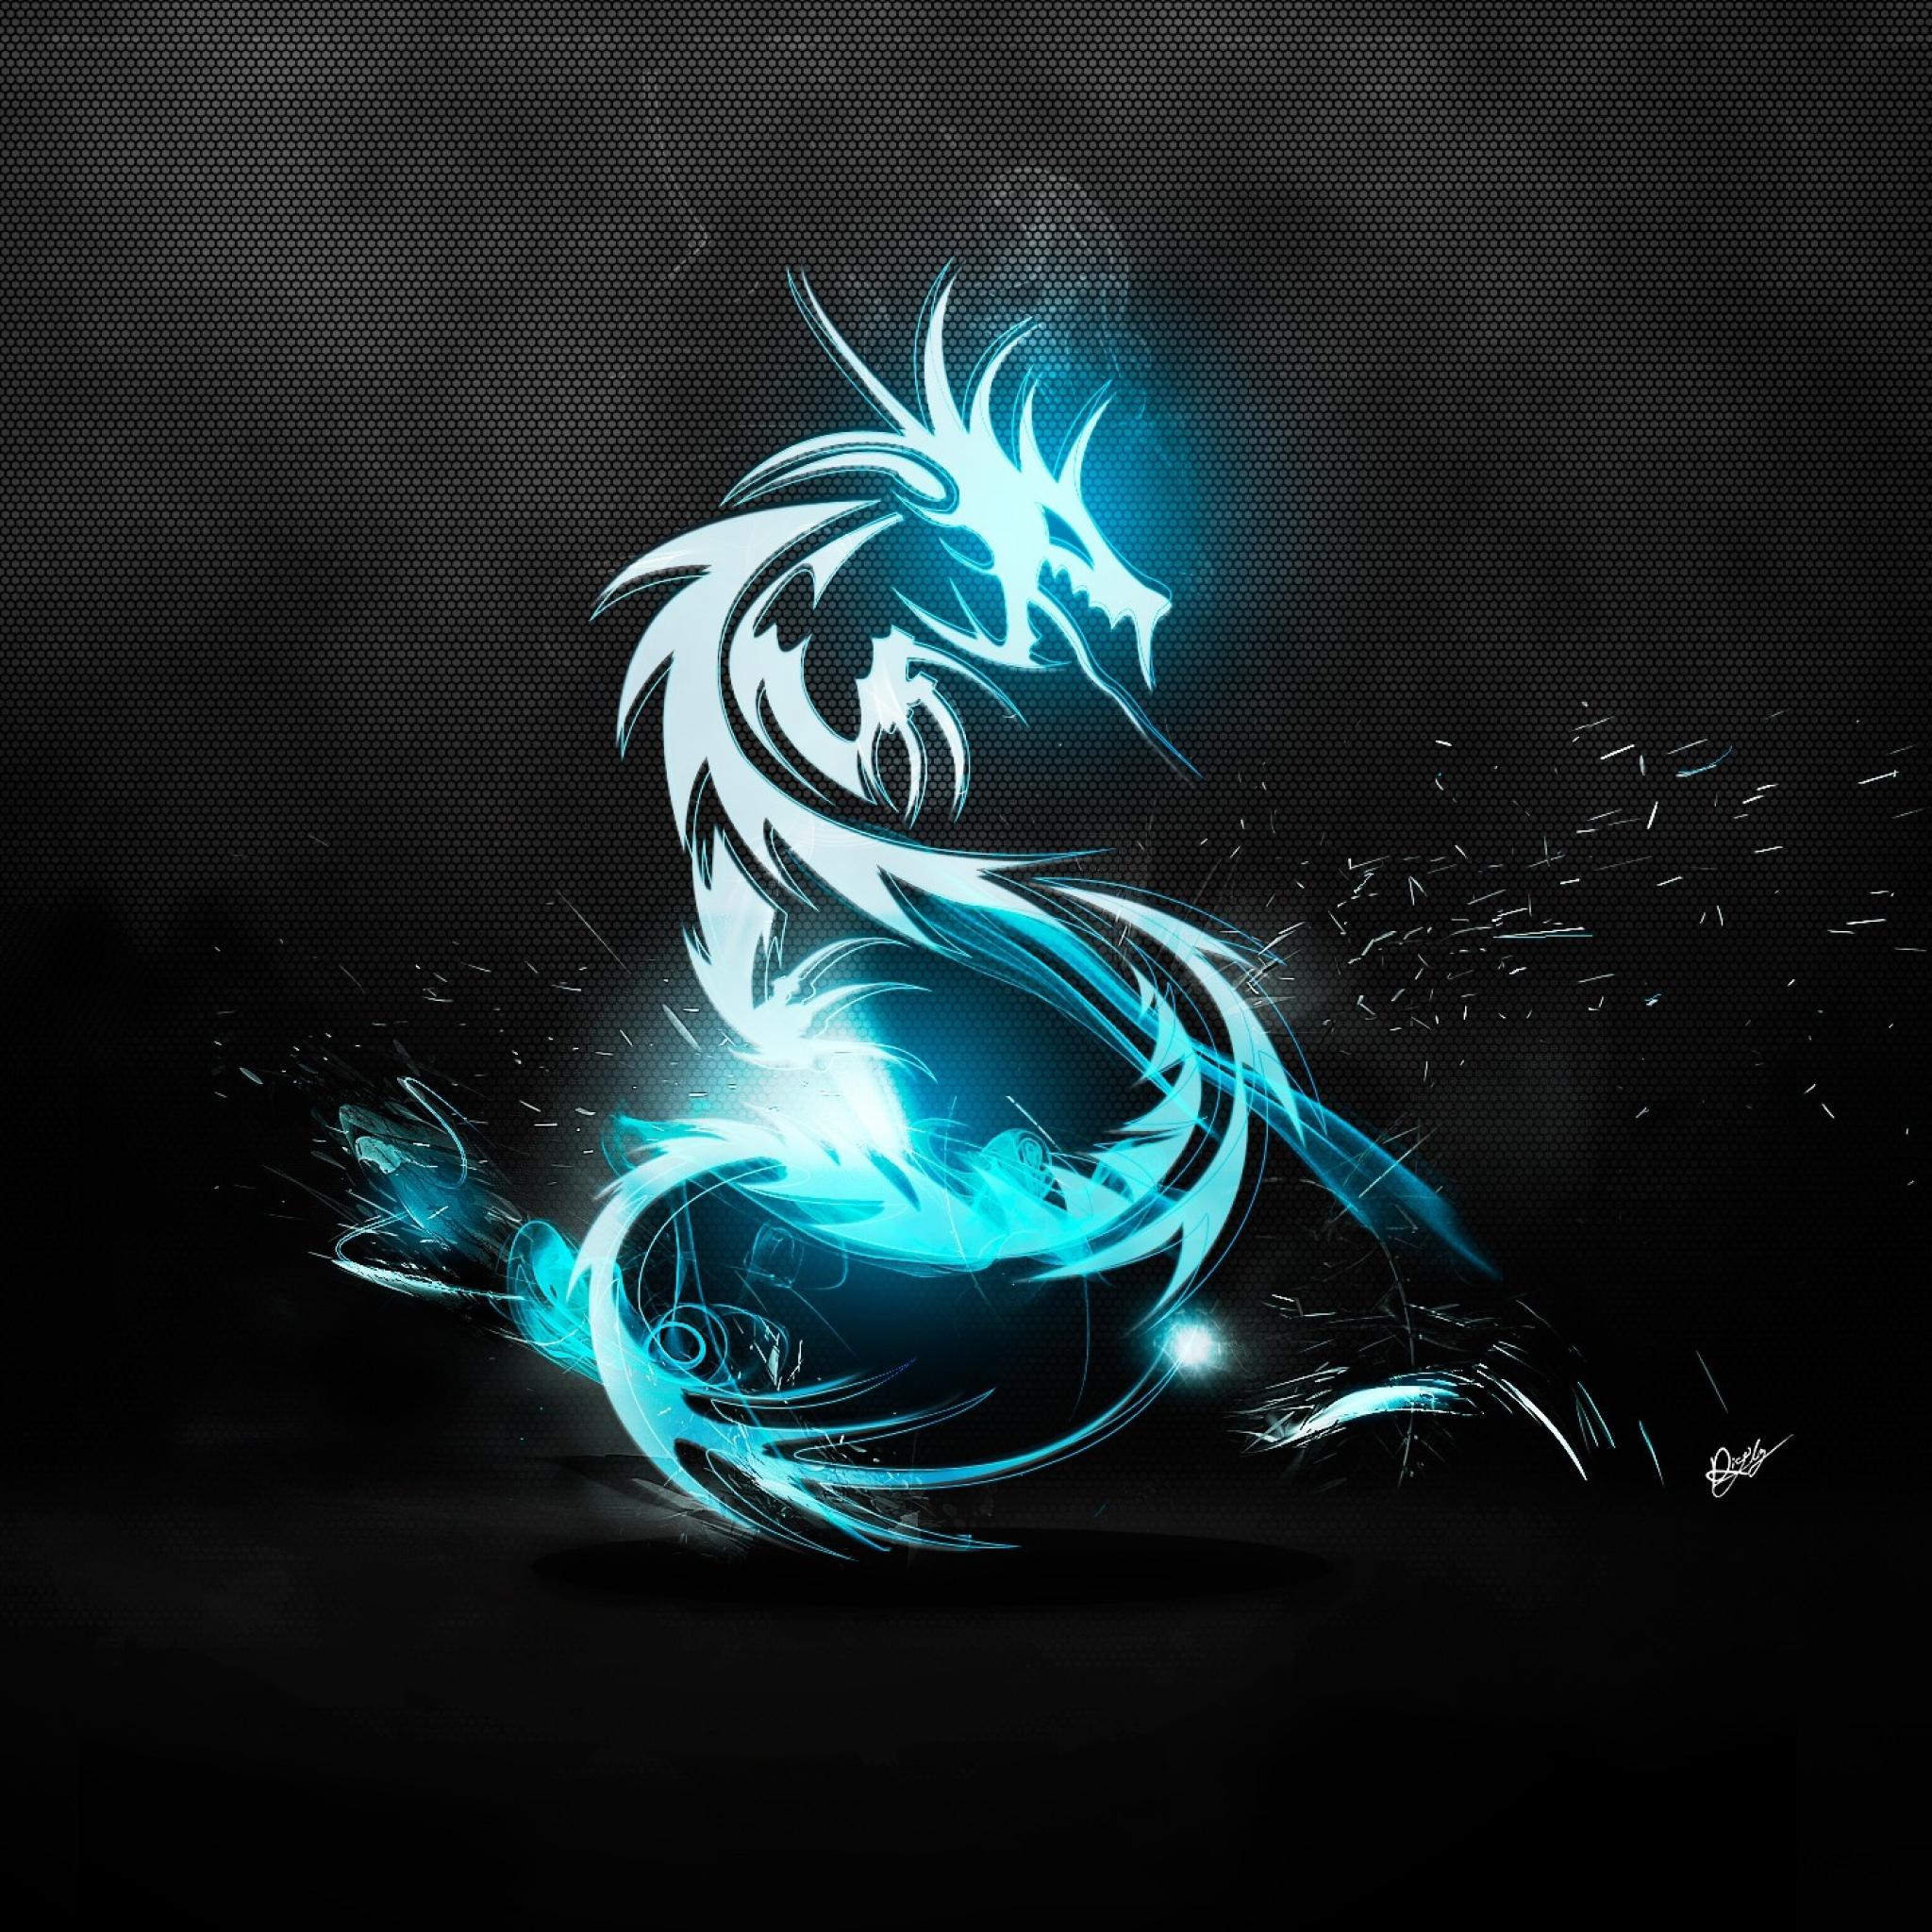 Kanu's avatar